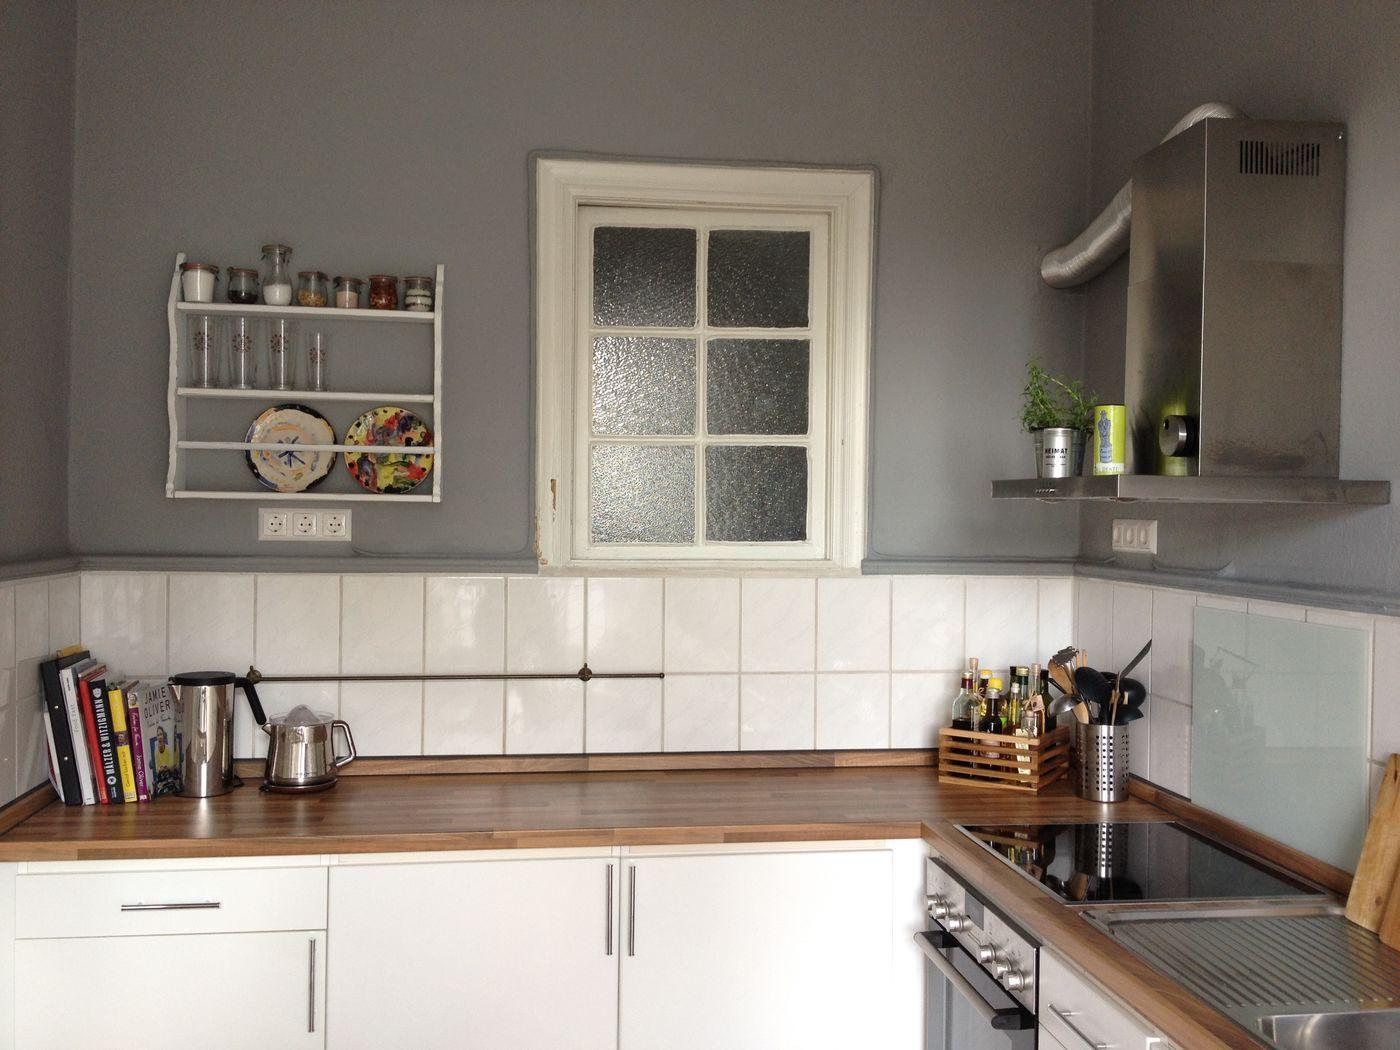 Erfreut Billigste Weg, Um Eine Küche Zu Renovieren Ideen - Küche Set ...